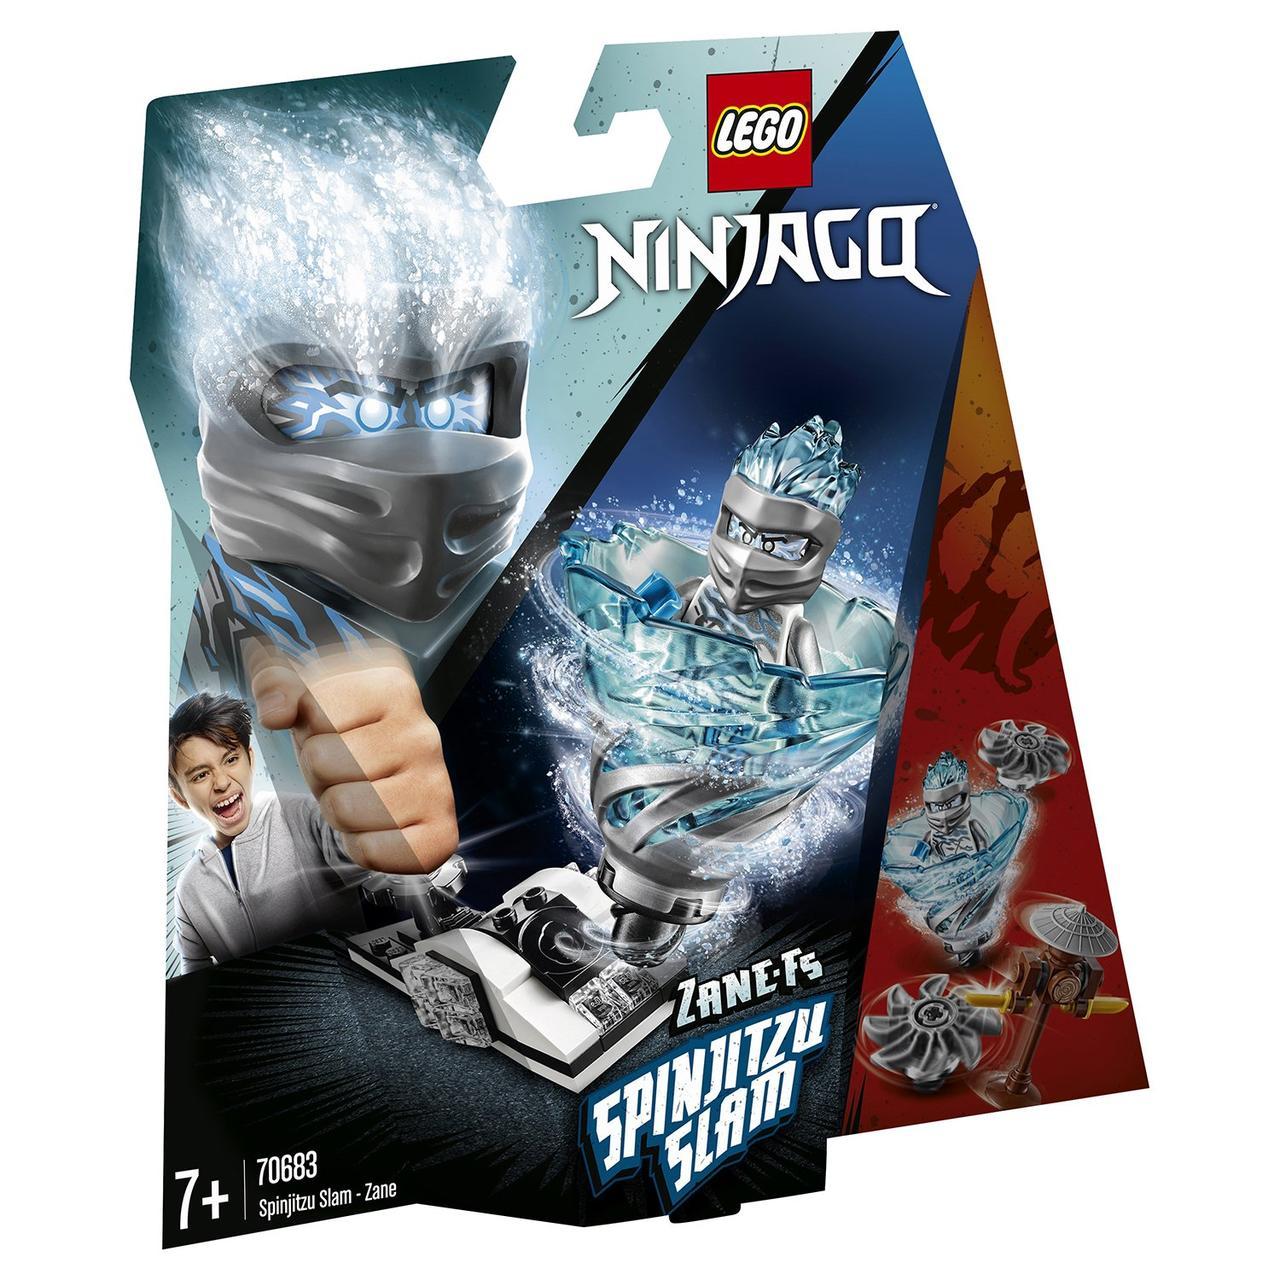 70683 Lego Ninjago Бой мастеров кружитцу — Зейн, Лего Ниндзяго